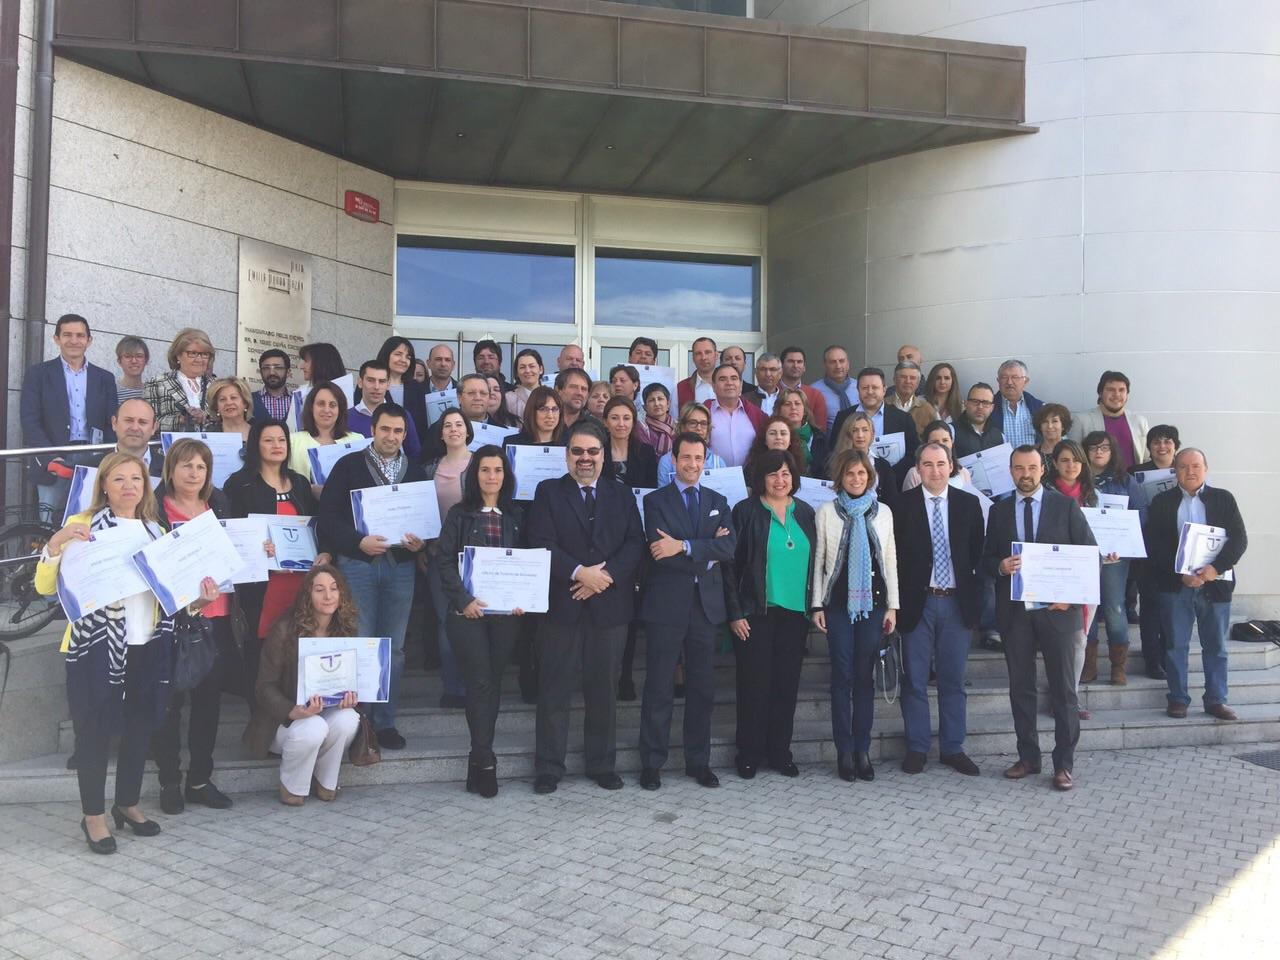 72 establecimientos de Sanxenxo recibieron los distintivos SICTED 2015-2016 como aval de calidad en sus servicios y gestión